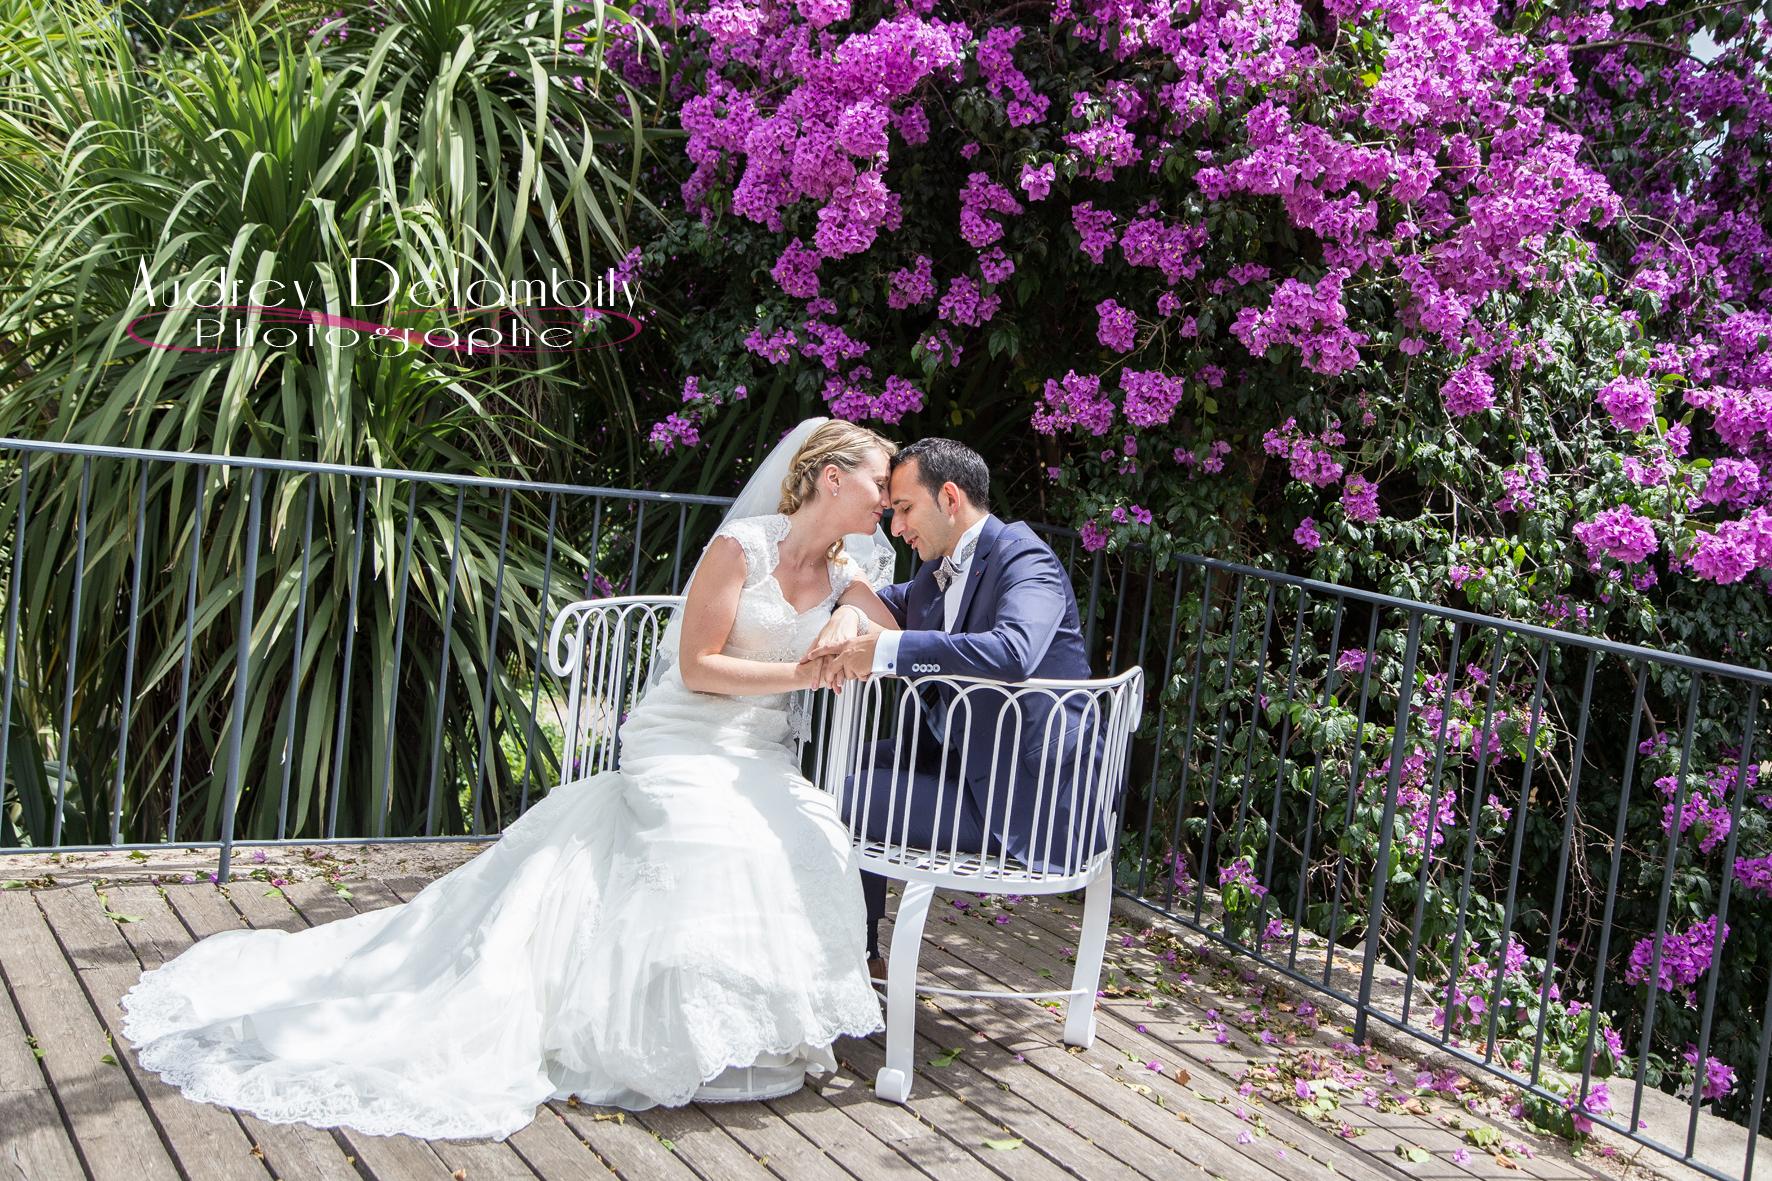 photographe-mariage-var-toulon-domaine-de-montrieux-026